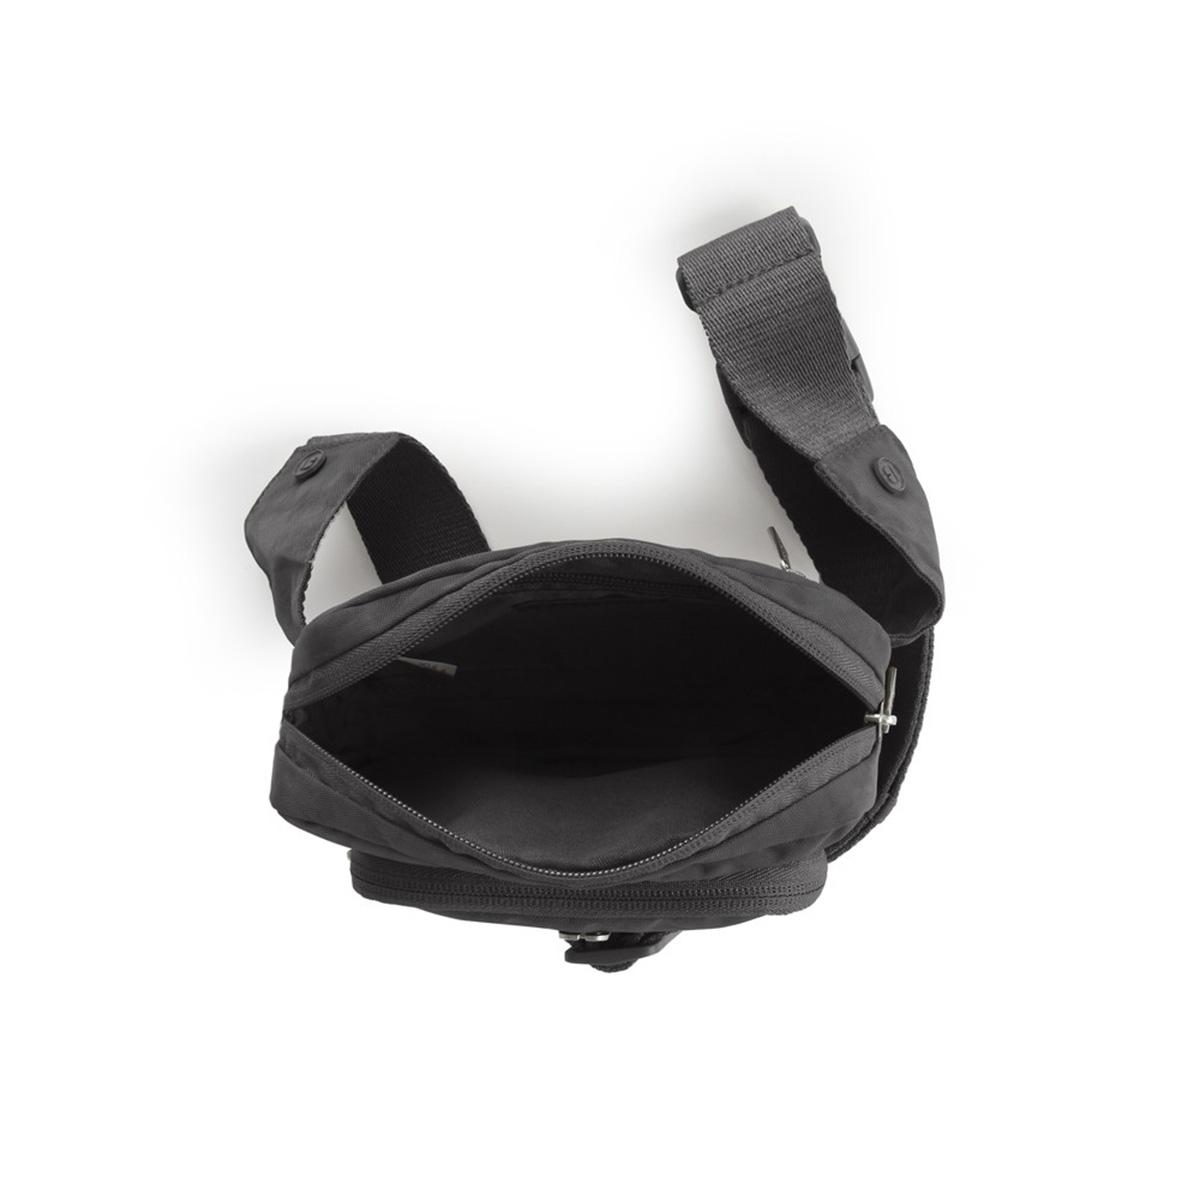 3c0257bd97 Τσαντάκι Μέσης-Χιαστί Gabol West 531166 Ανθρακί